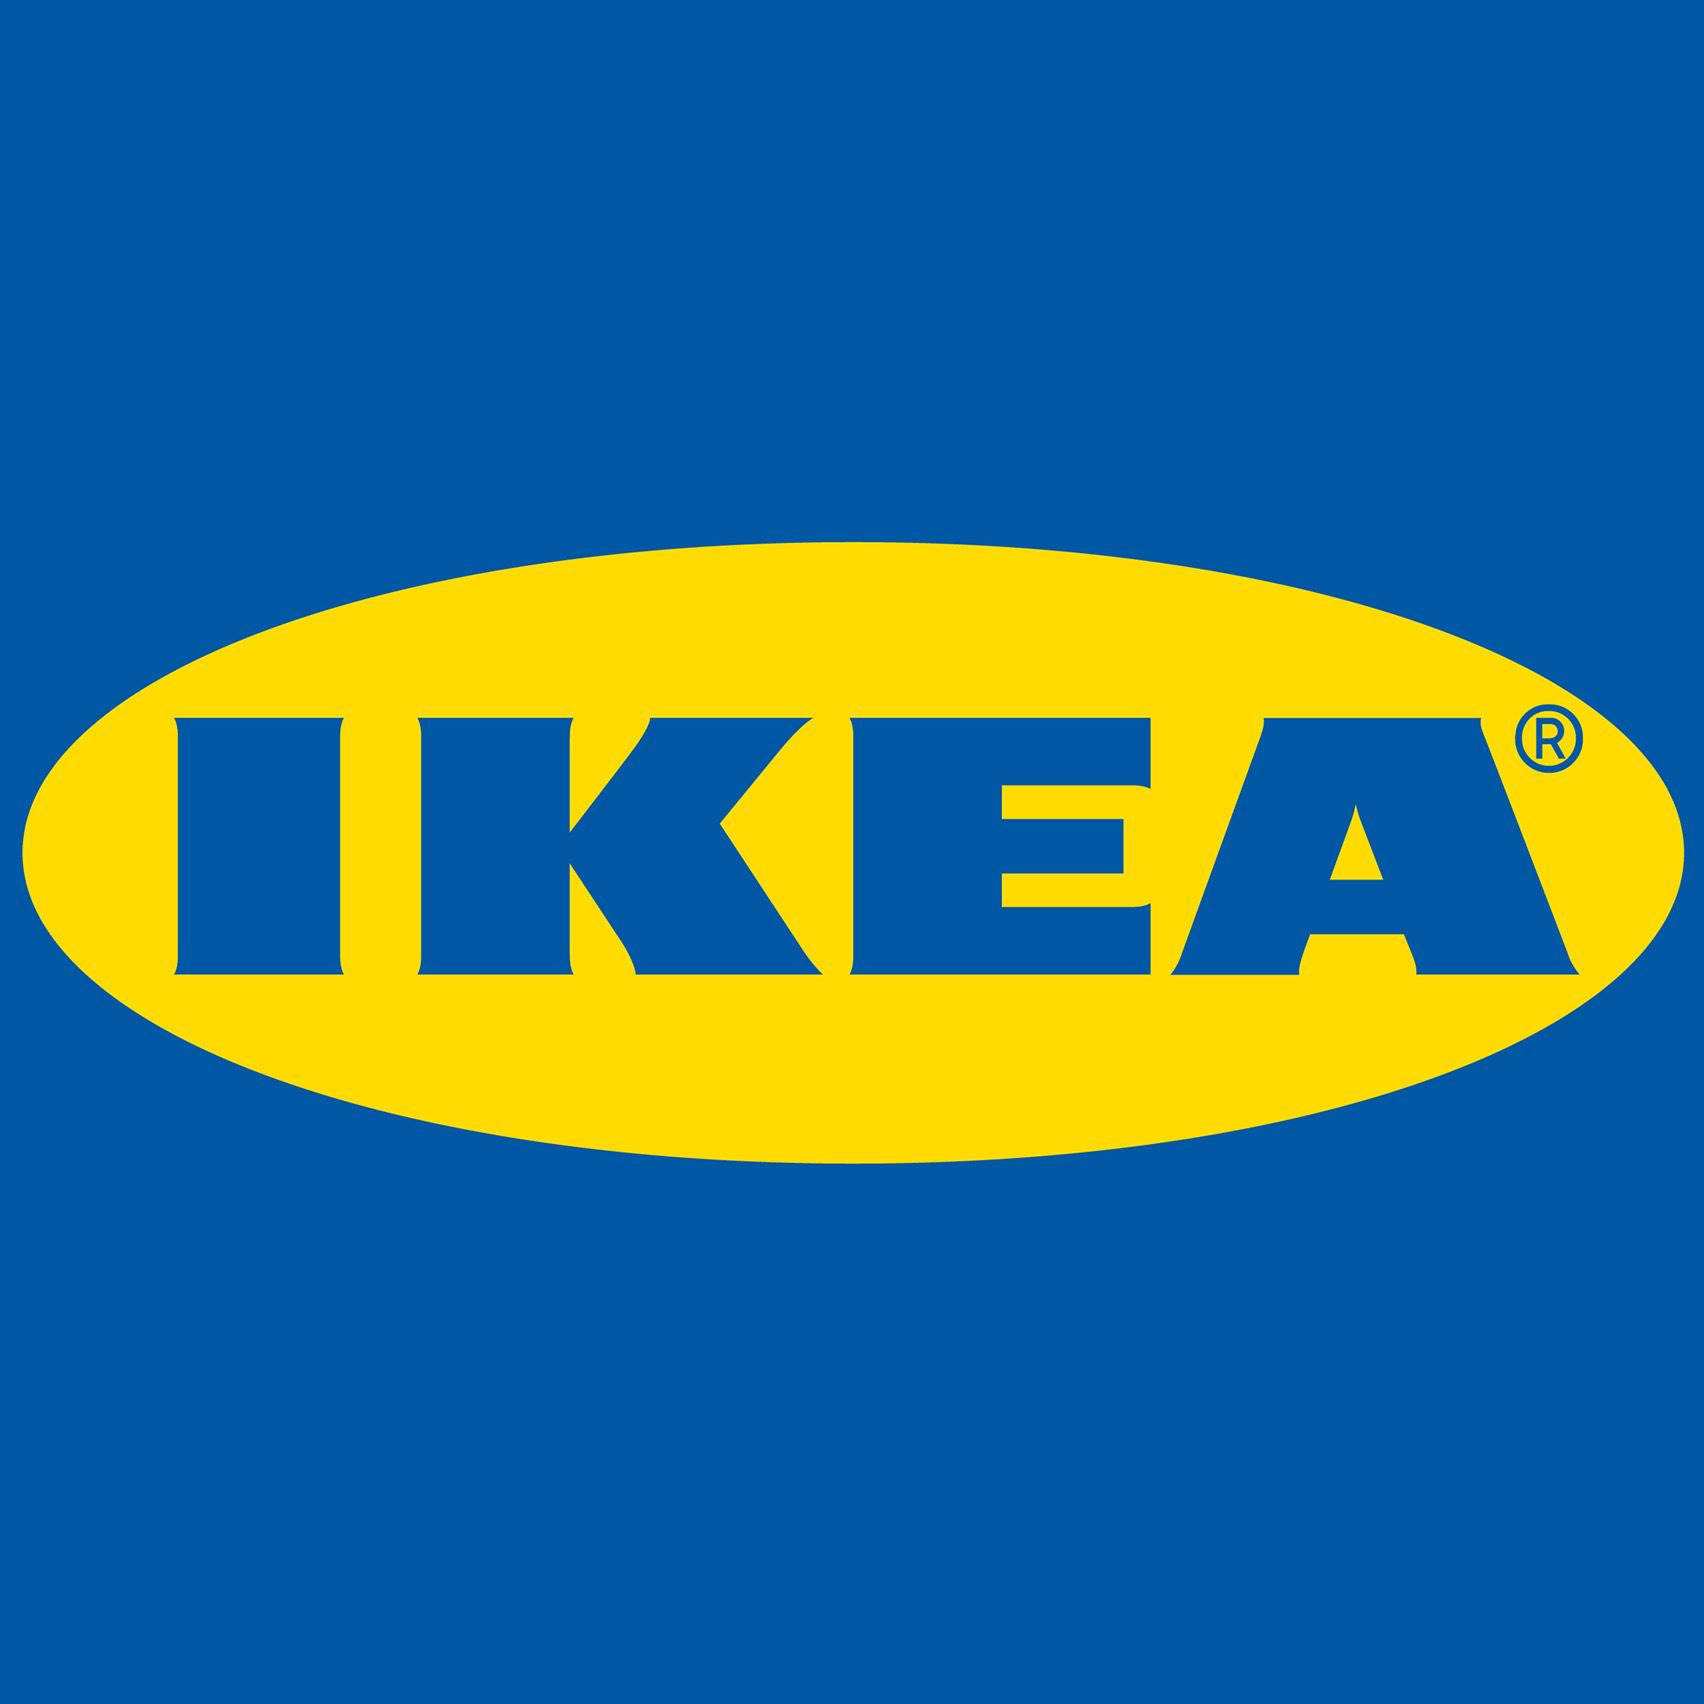 [Ikea] 7% + 1% korting door cadeaubonnen